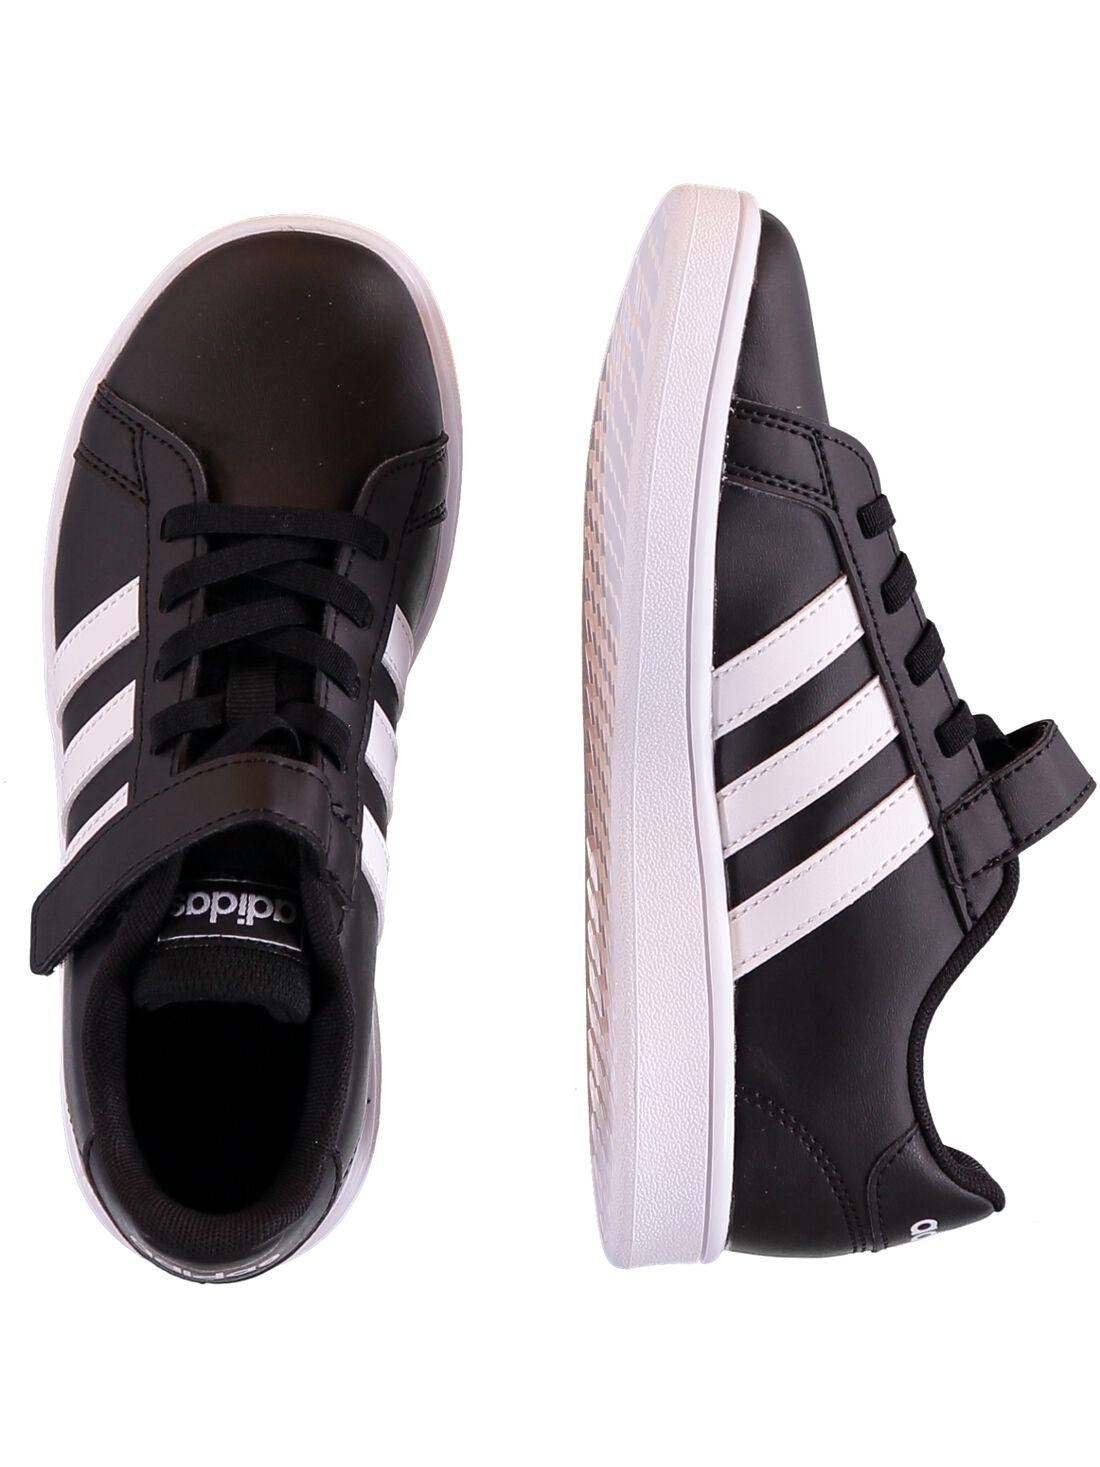 Basket Adidas en cuir synthétique noir avec trois bandes blanches sur le côté. Doublure et semelle intérieure en textile. Fermeture pratique à bande